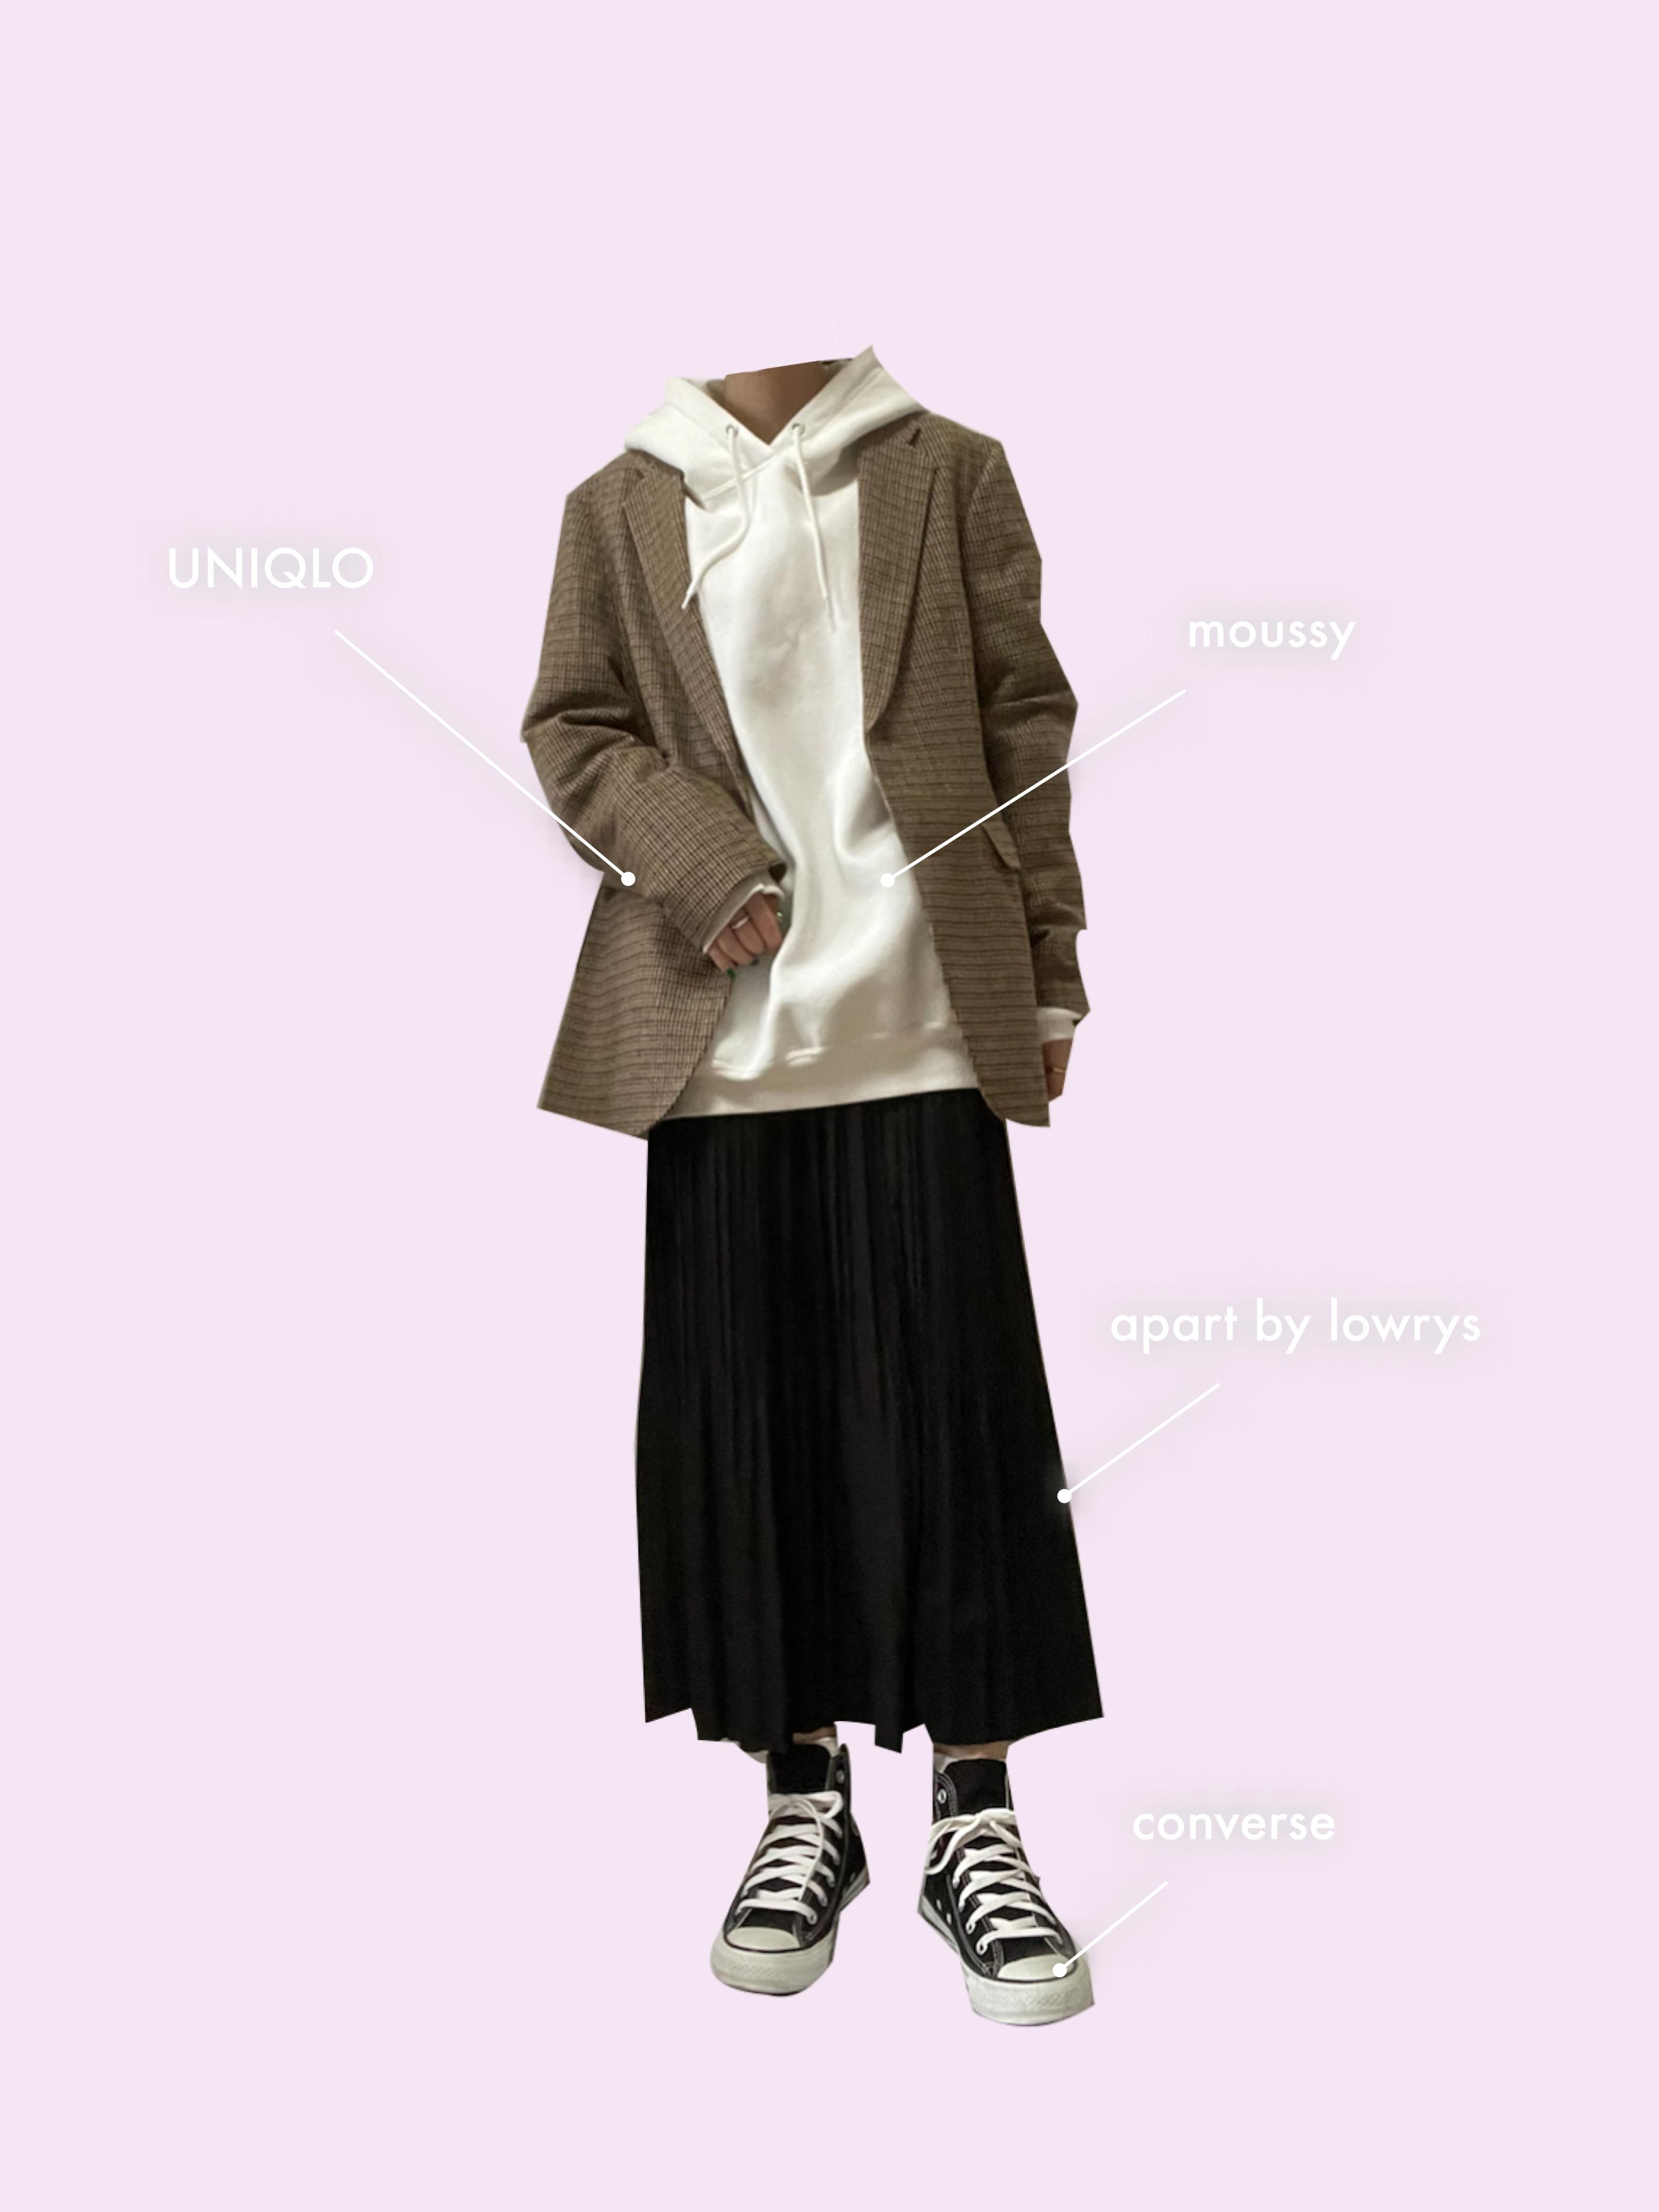 ユニクロのメンズジャケットをフード付きスウェットと合わせたコーディネートで足もとはコンバースのスニーカー